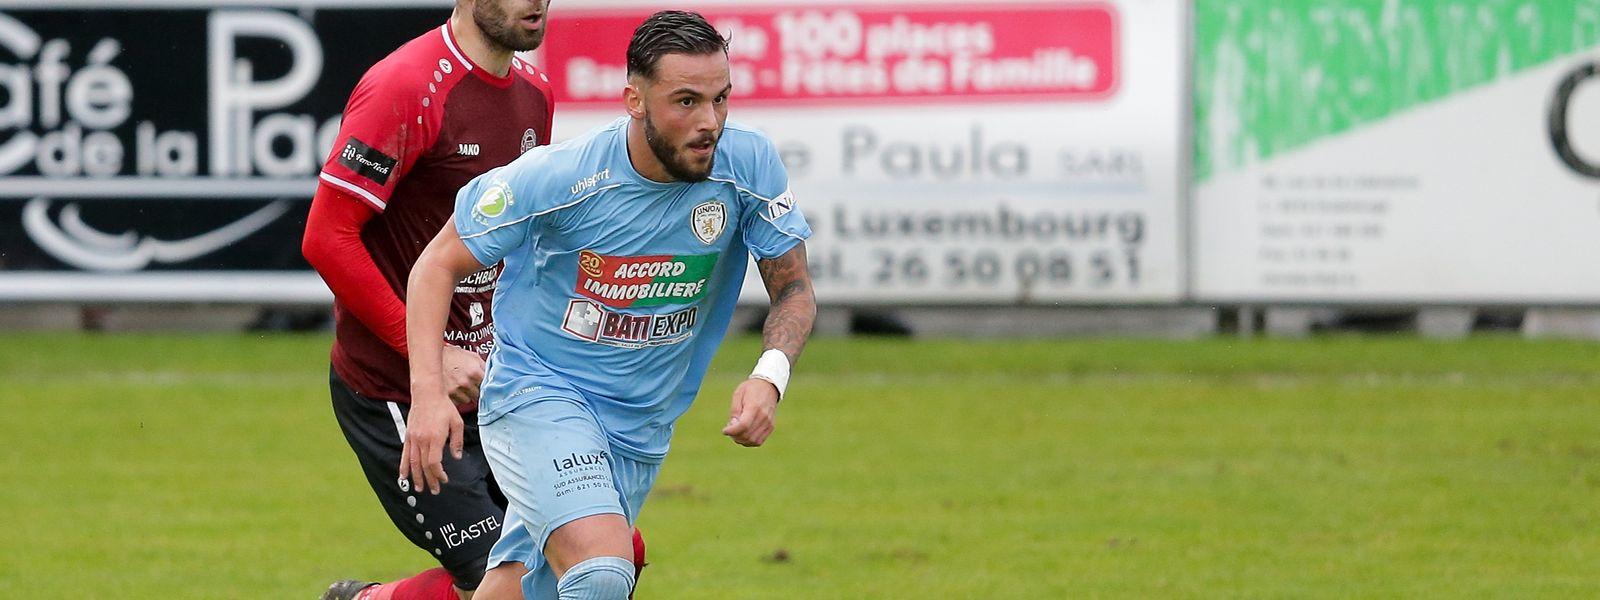 L'Union Titus Pétange de Patrik Teixeira chassera un huitième succès, dimanche contre Mühlenbach